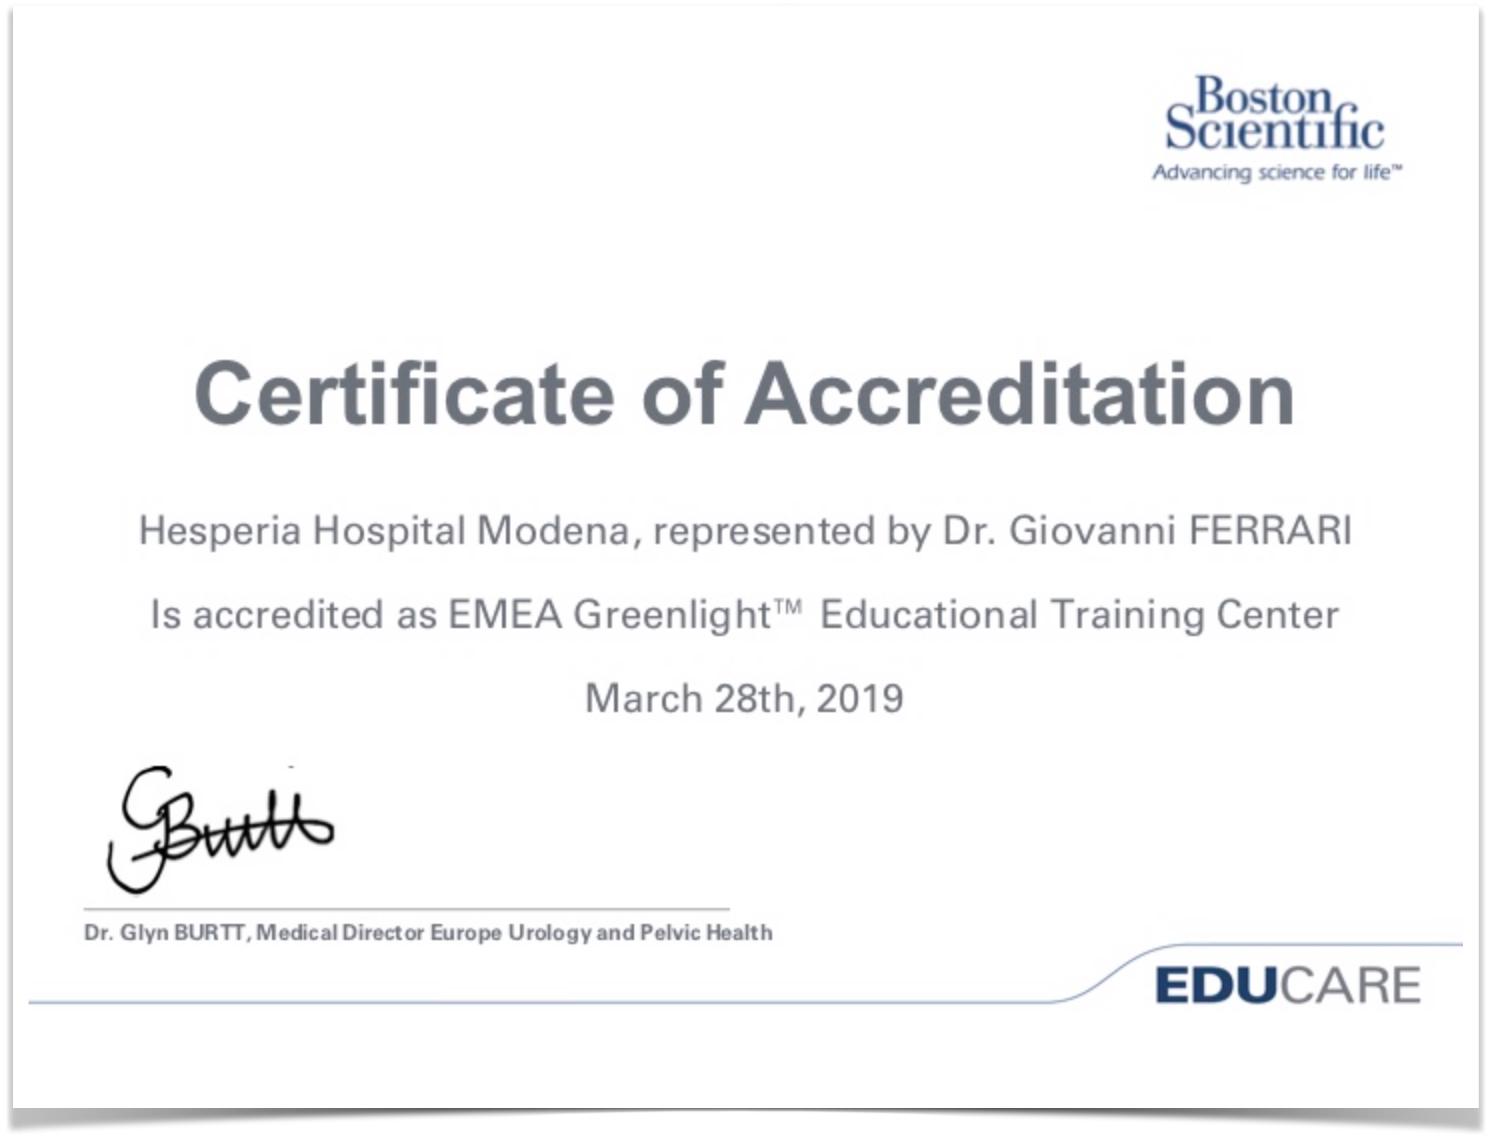 Greenlaser-IT-Certificazione-Boston-Scientific-HESPERIA-HOSPITAL-Centro-di-formazione-Greenlight-Emea